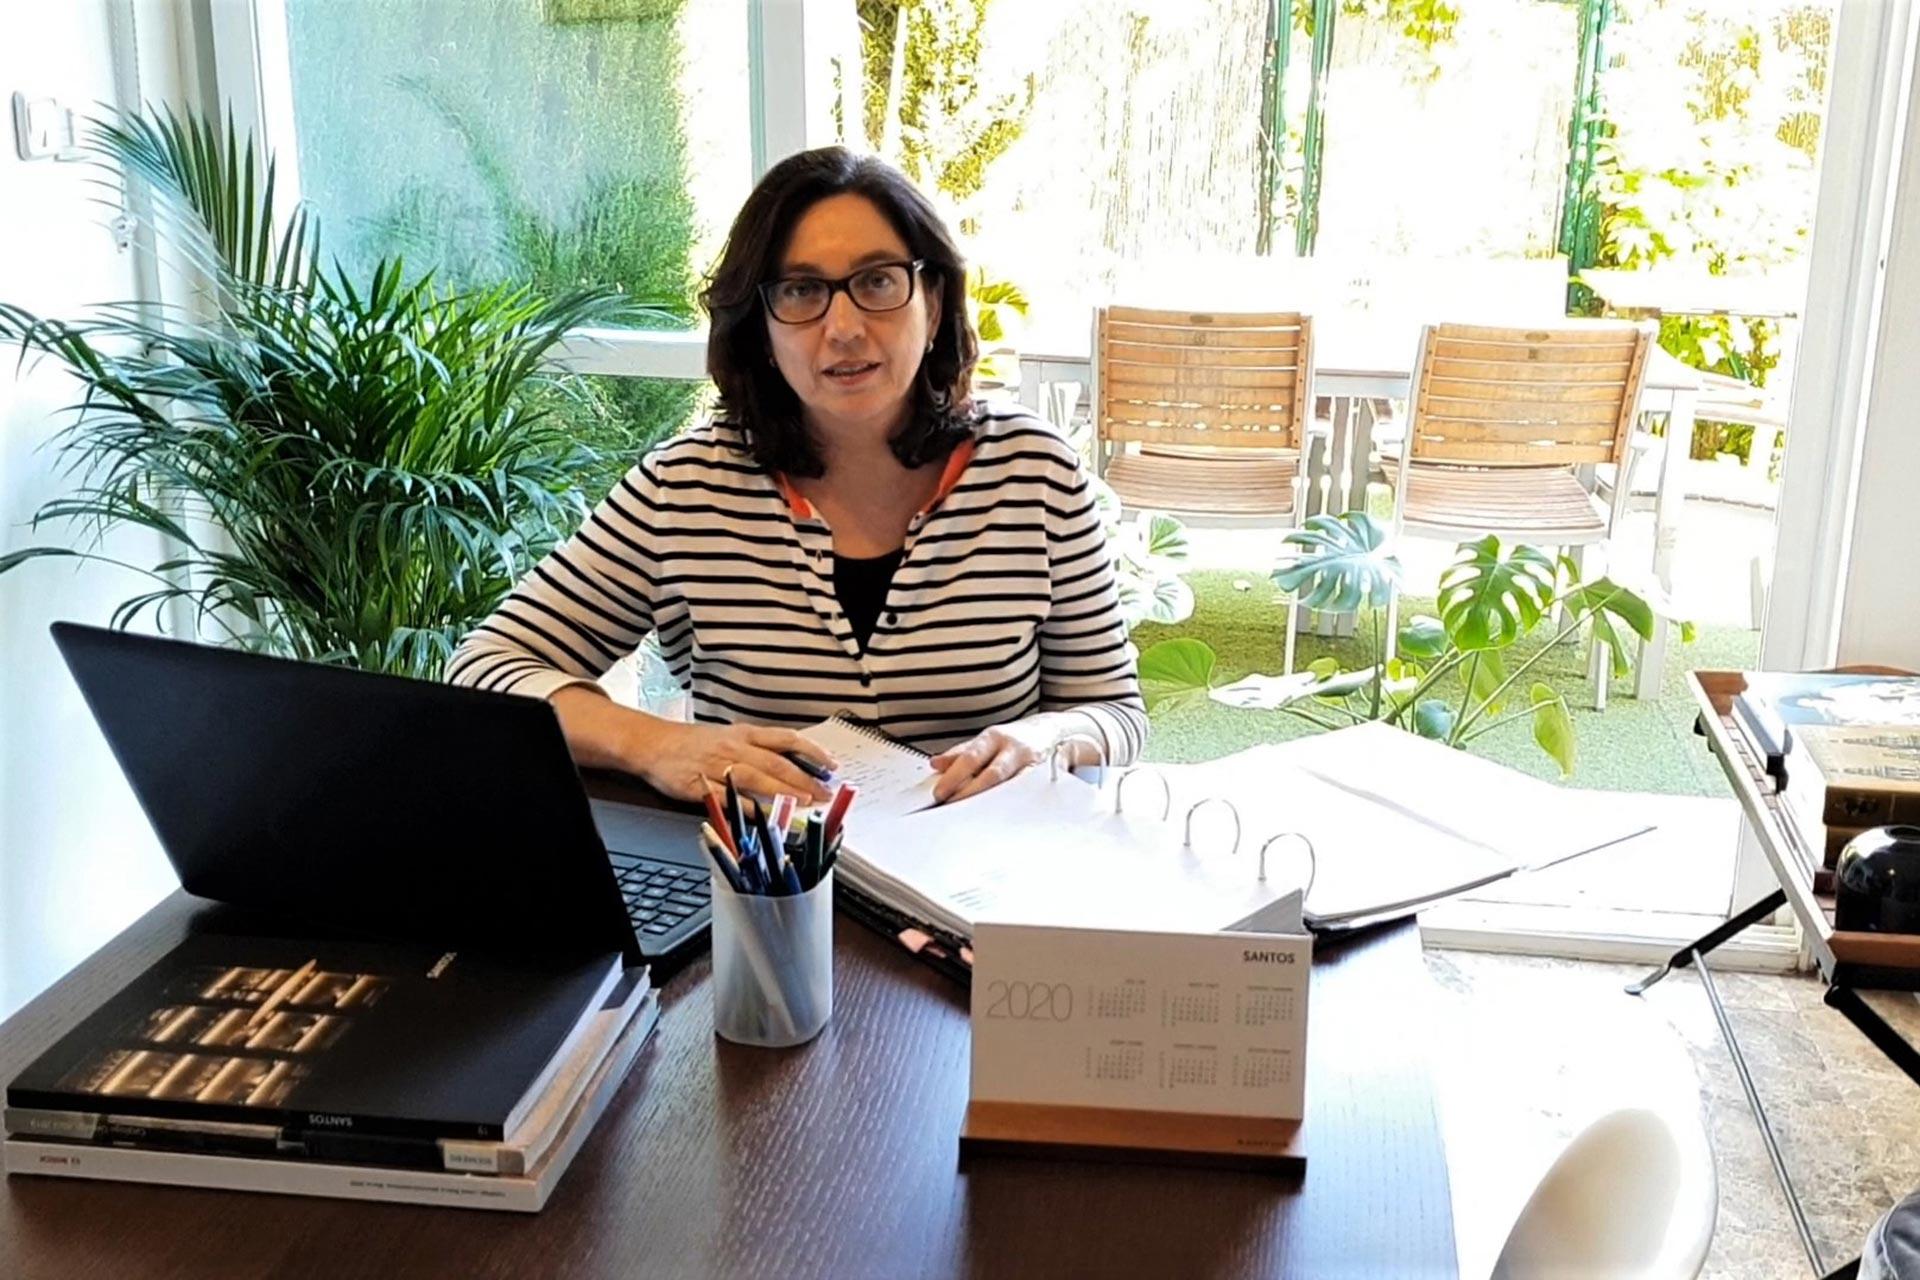 Judit Aznar, commercieel medewerker van Misura Studio